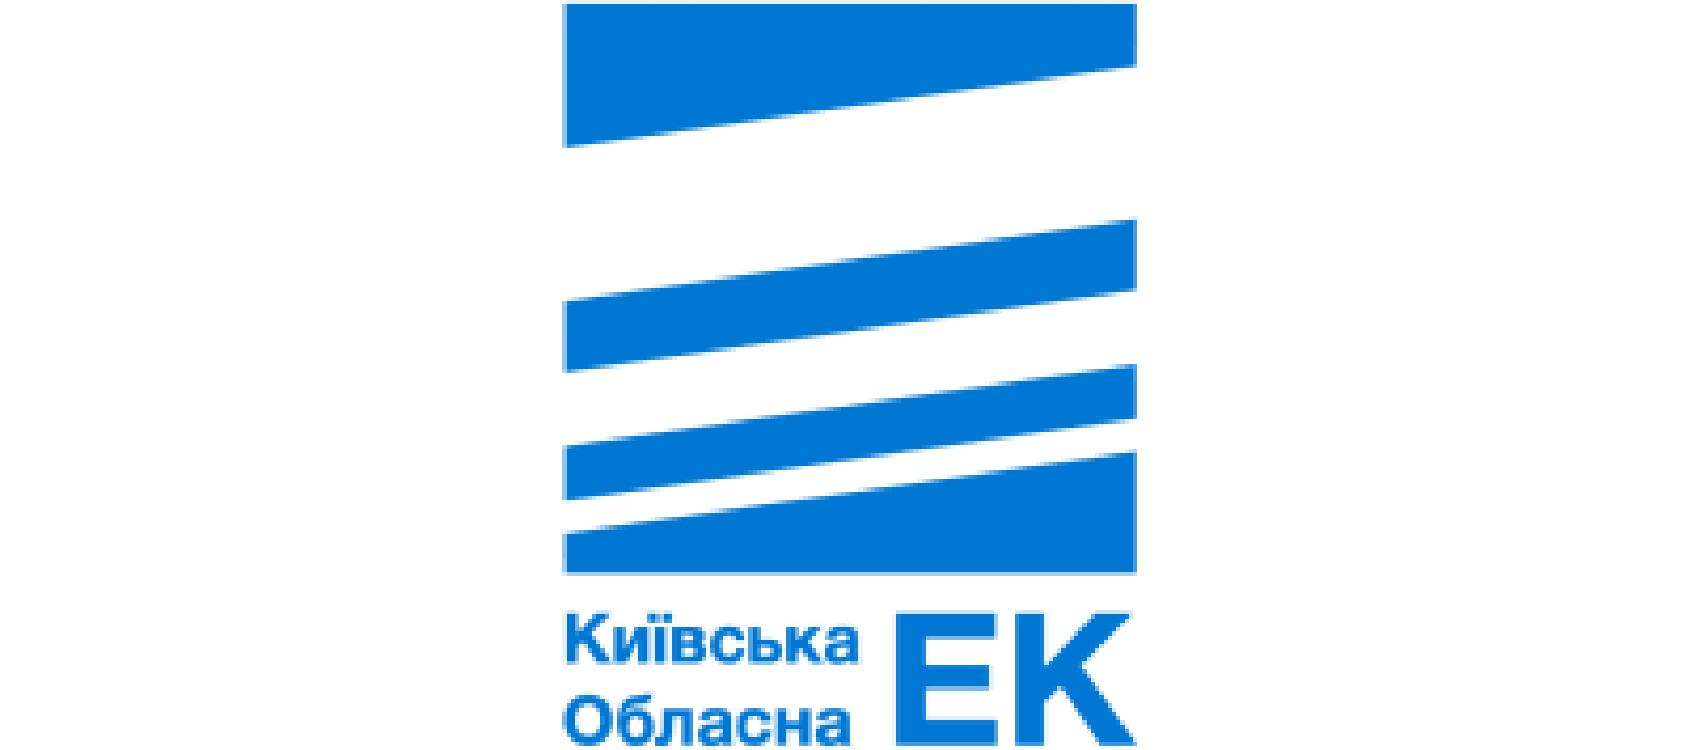 """ТОВ """"Київська обласна енергопостачальна компанія"""" Білоцерківське ВОК - район (p)"""